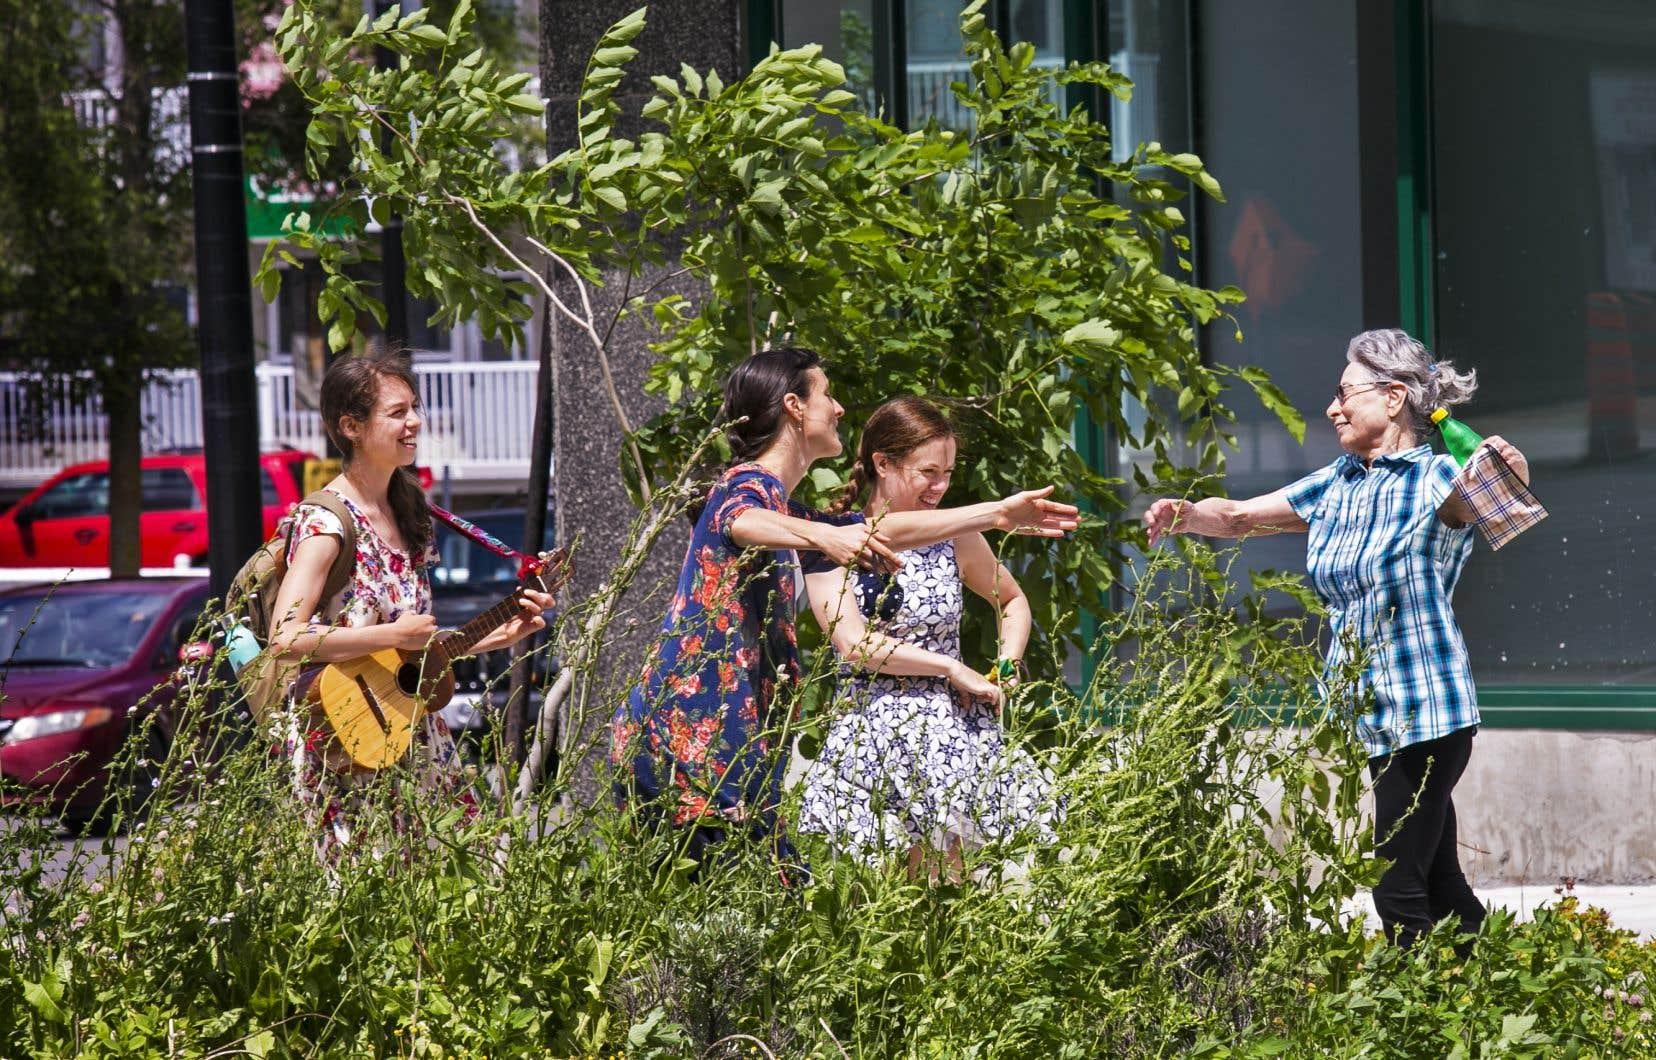 Accompagnée par Diana Leon, au cuatro, Ariane Boulet et Audrey Bergeron, la résidente Hélène Roy renoue avec son amour de jeunesse durant une balade dansée. Allégresse (et pied-de-nez à la pandémie).